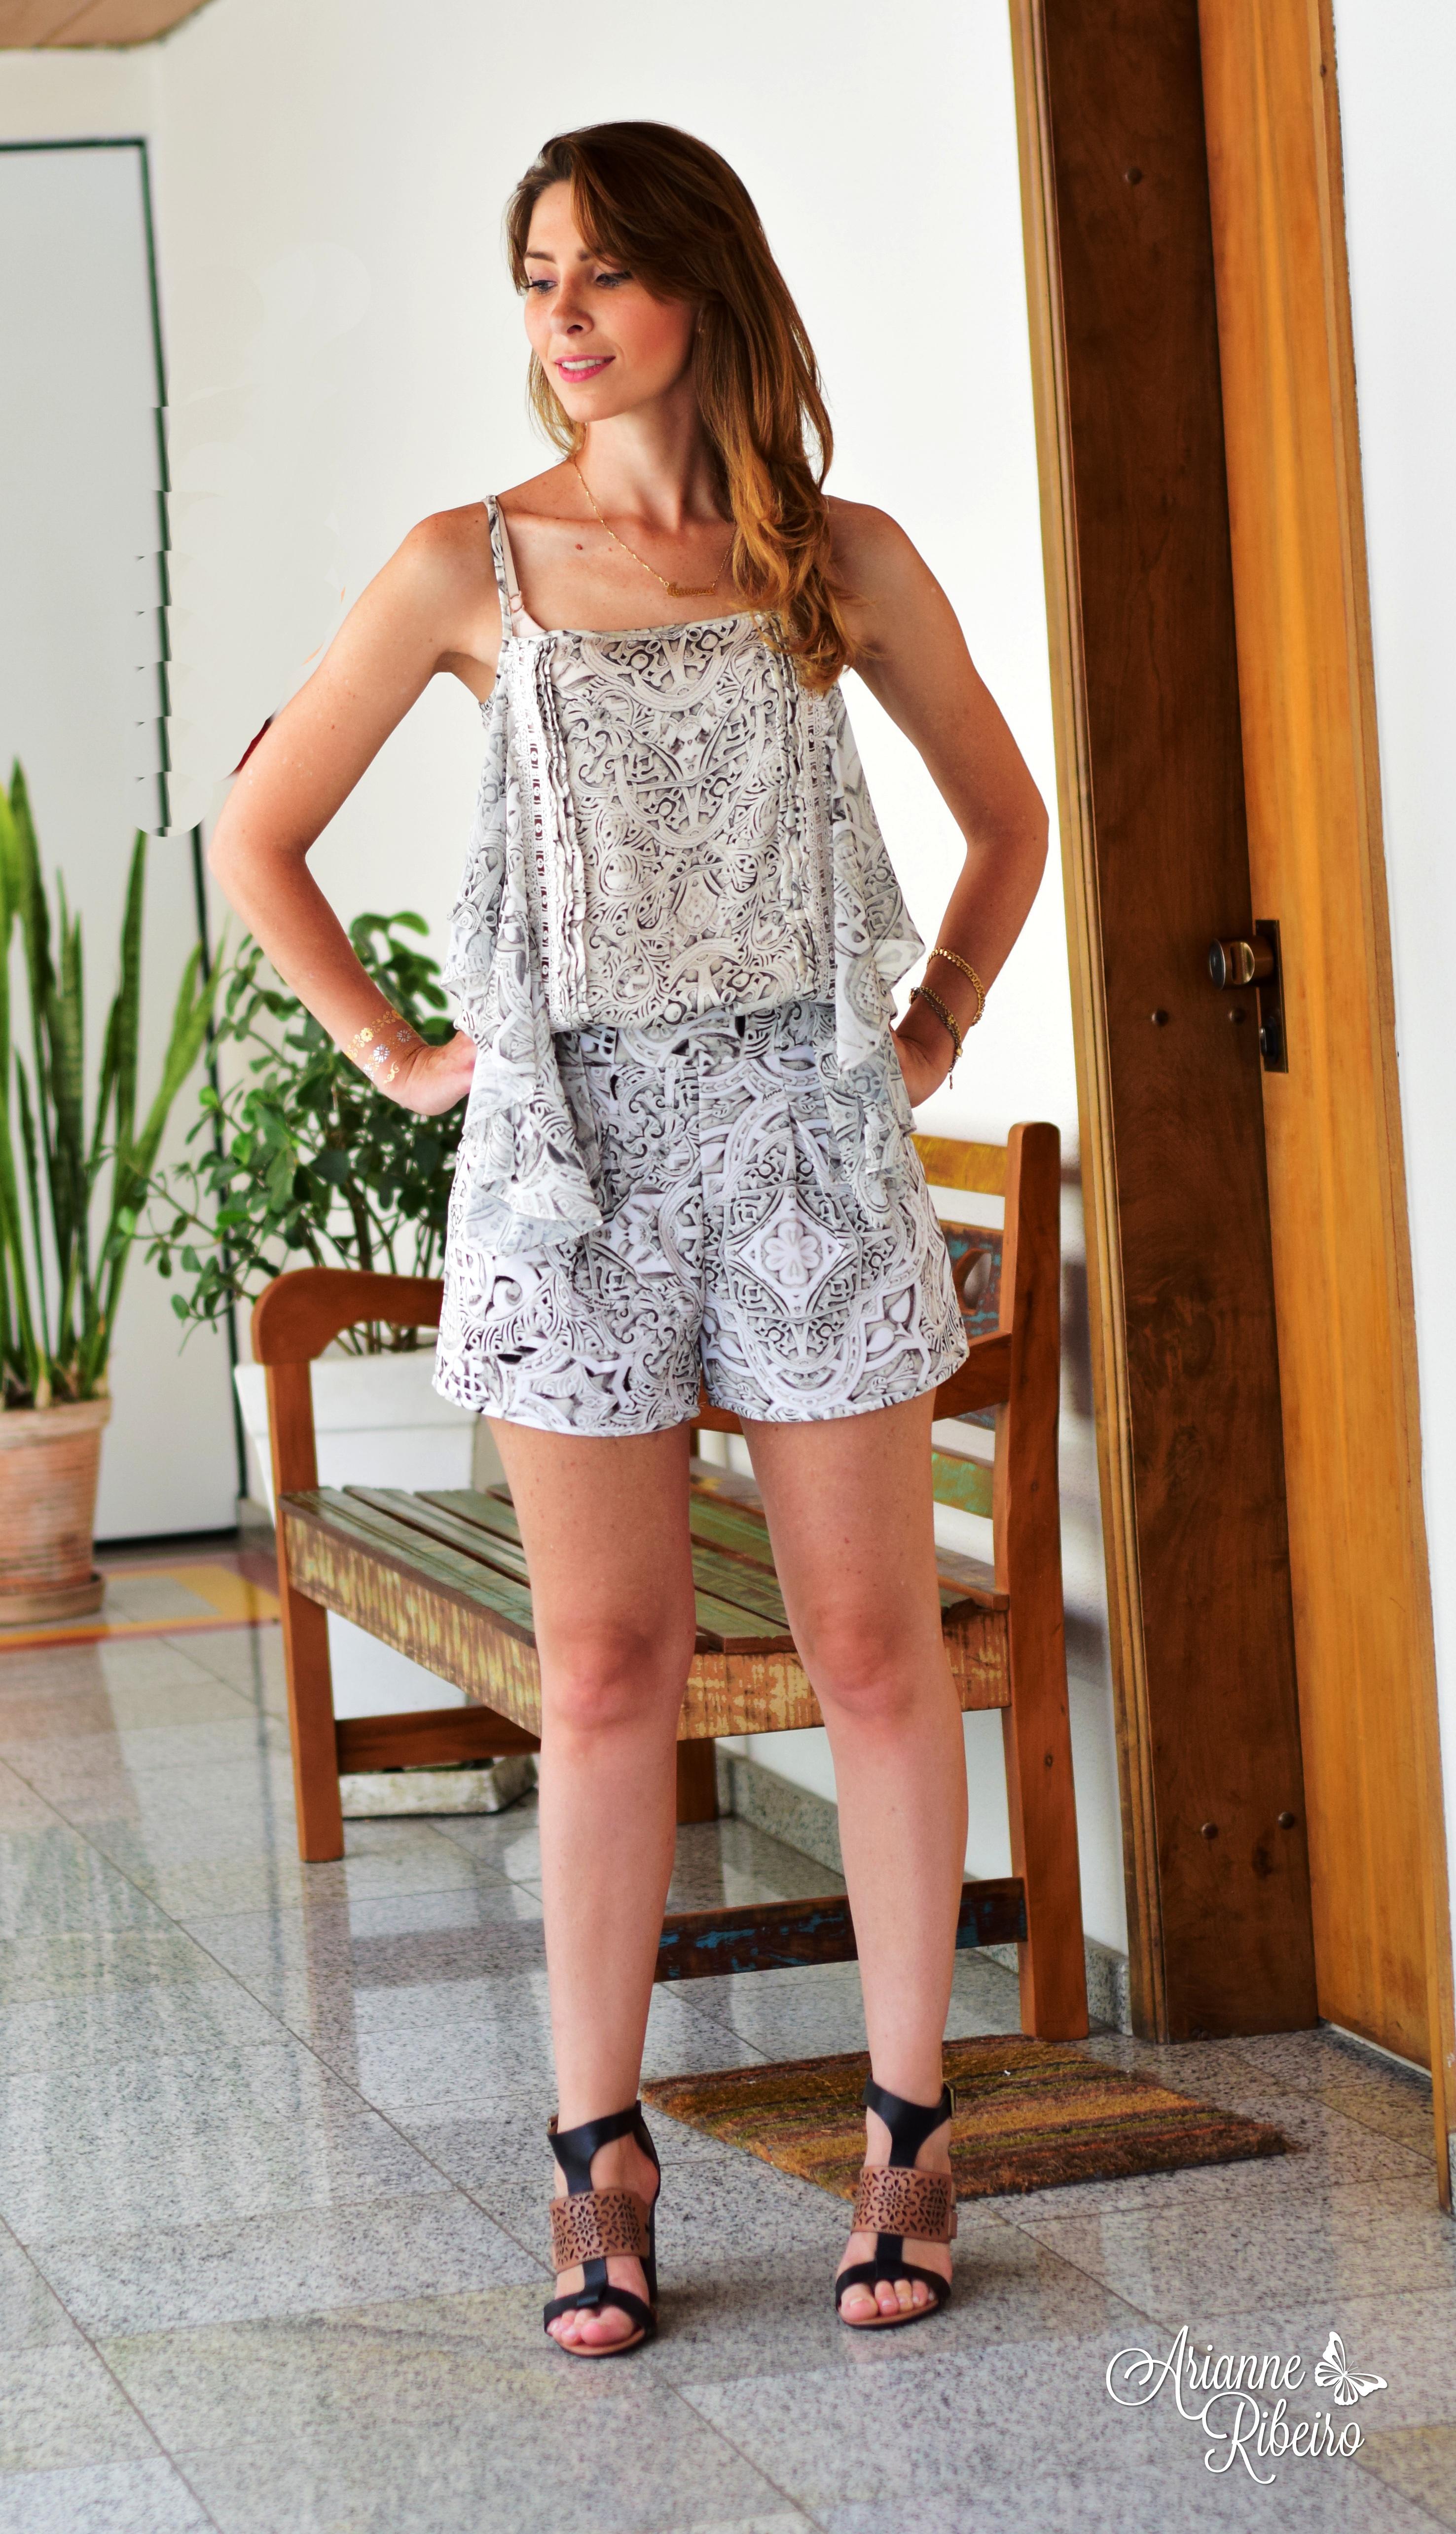 Sttudio Moda 005 _ Arianne Ribeiro